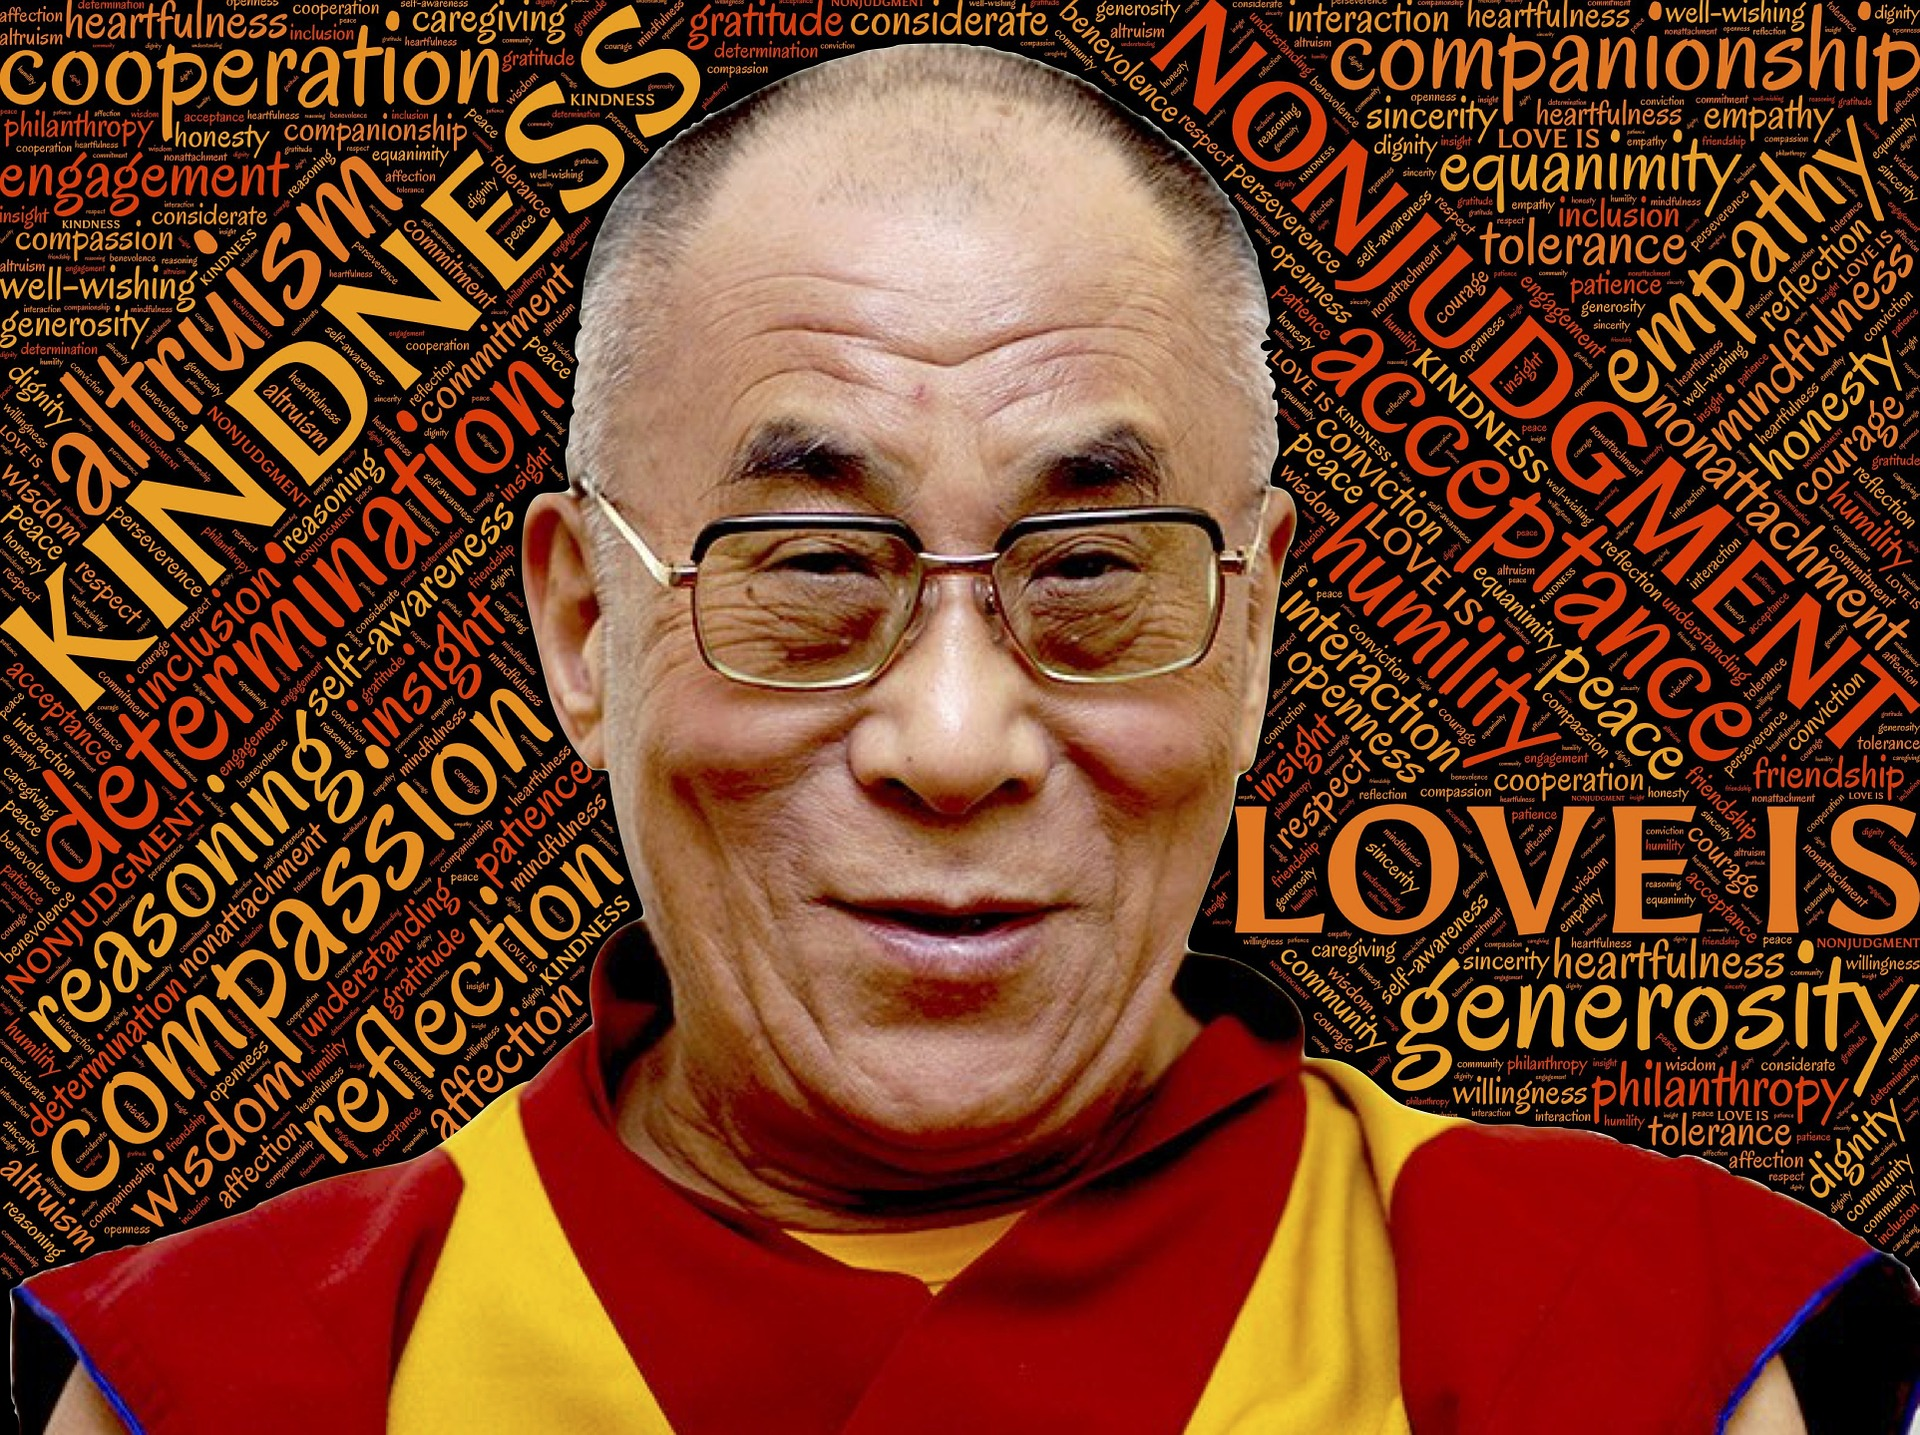 Les 10 voleurs de notre énergie selon le Dalai Lama